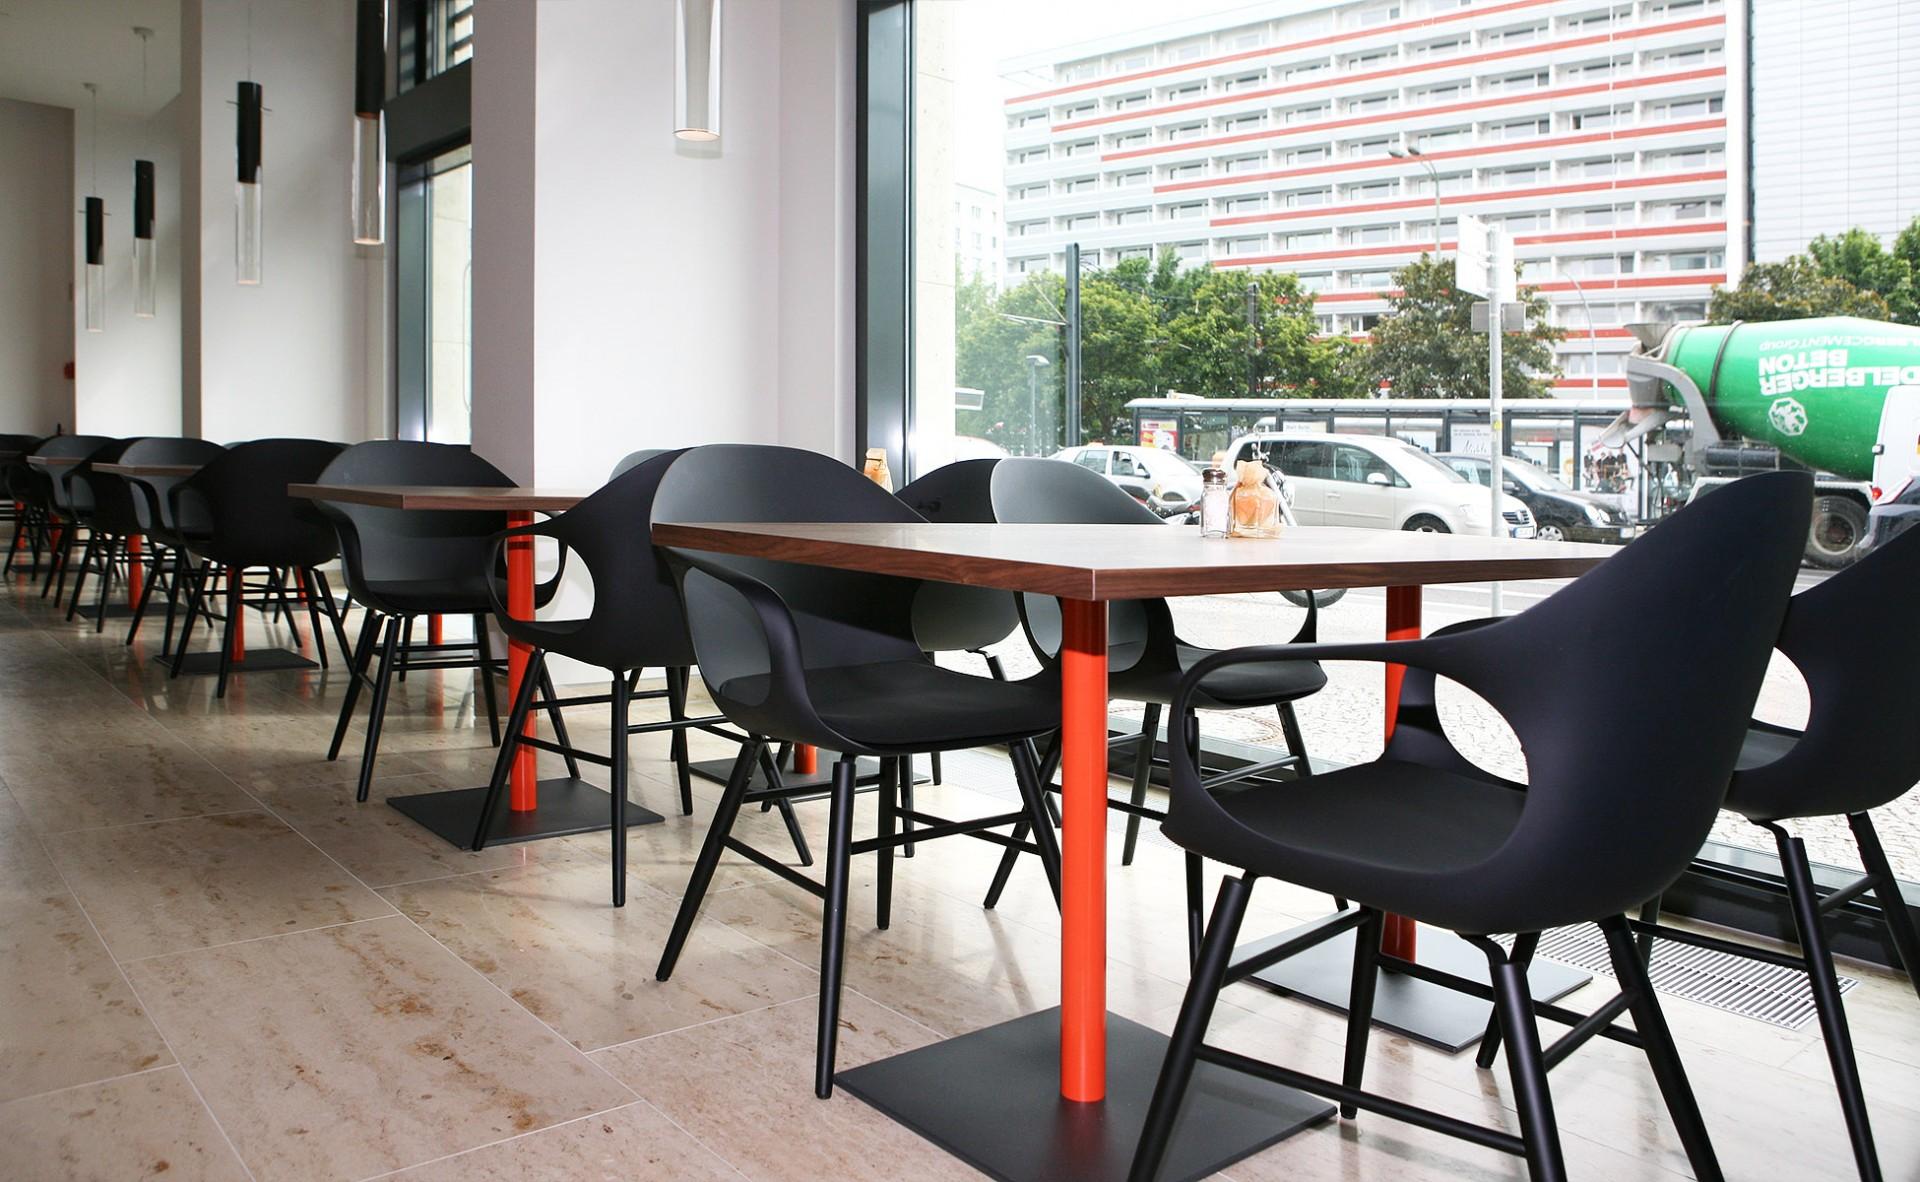 05 einrichtung farbkonzept kristalia elephant furniture berlin by steidten+